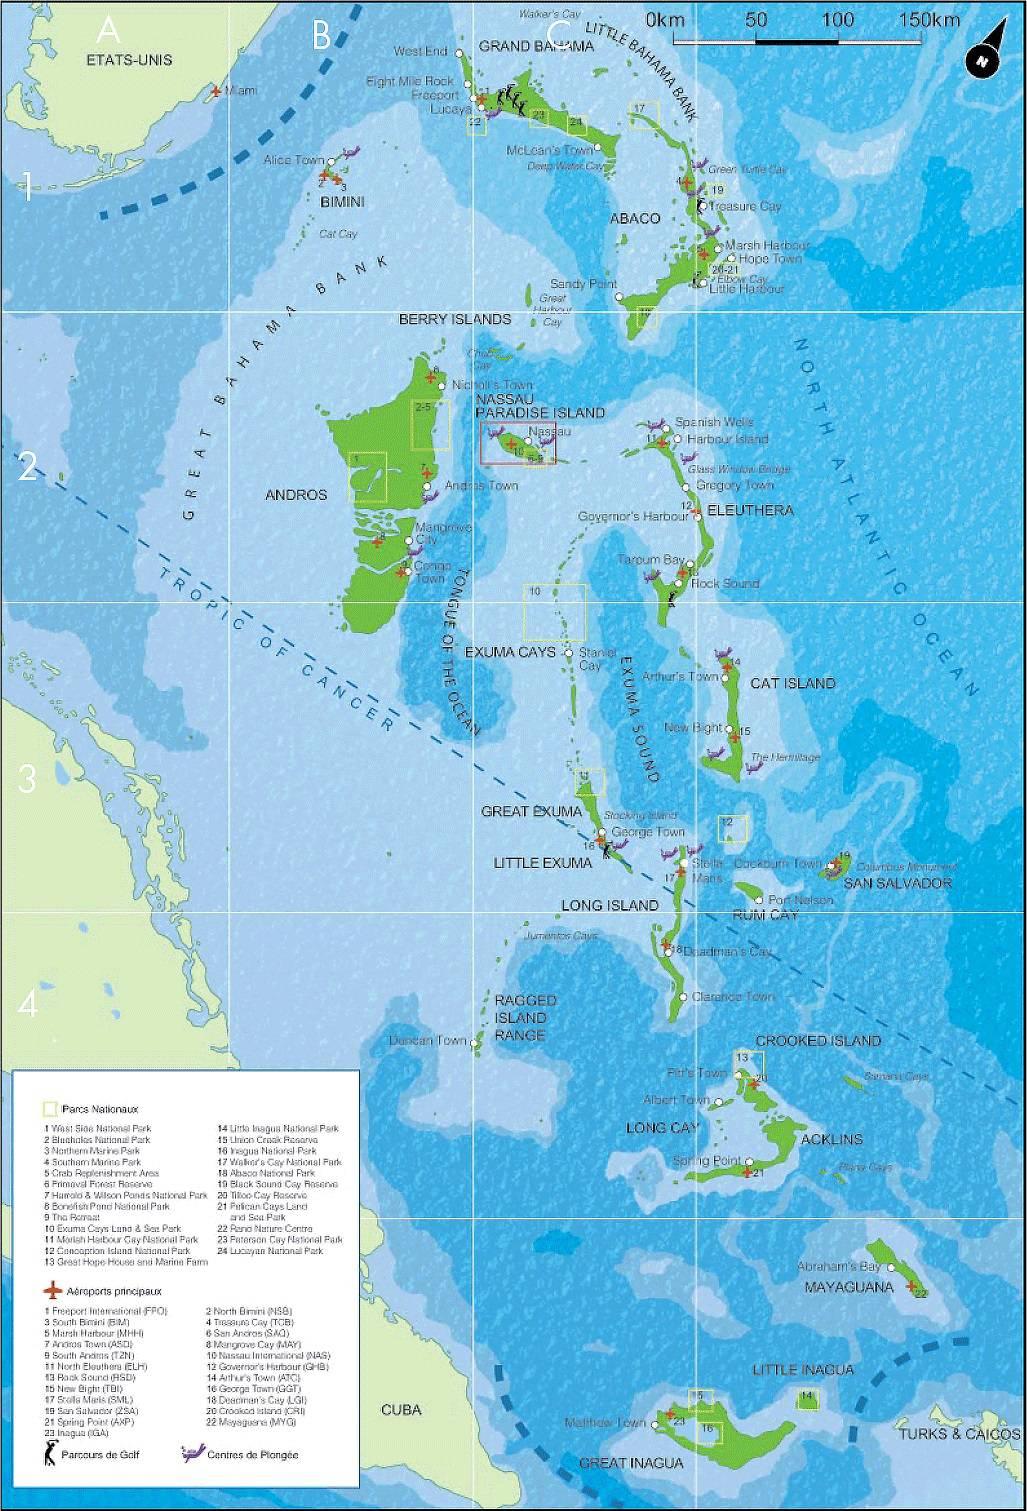 Carte touristique des Bahamas